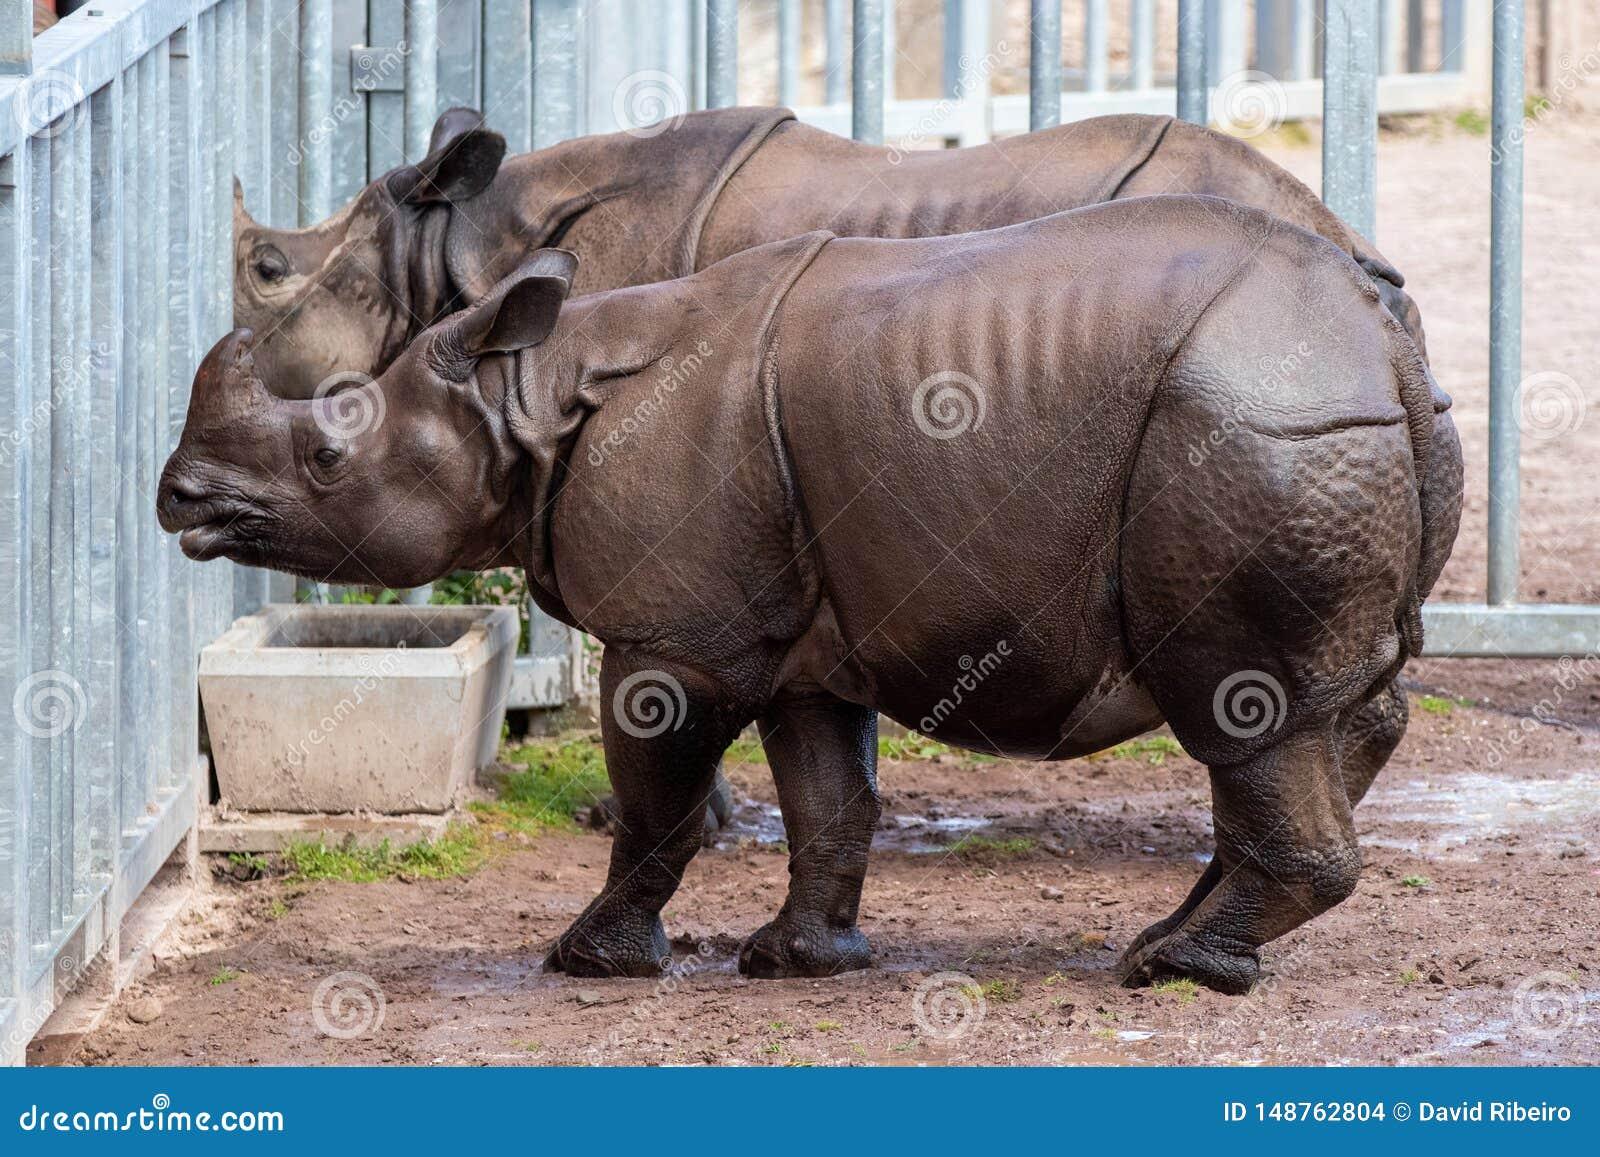 O rinoceronte indiano, corpo de posse como a armadura, sua pele é uma característica altamente distintiva